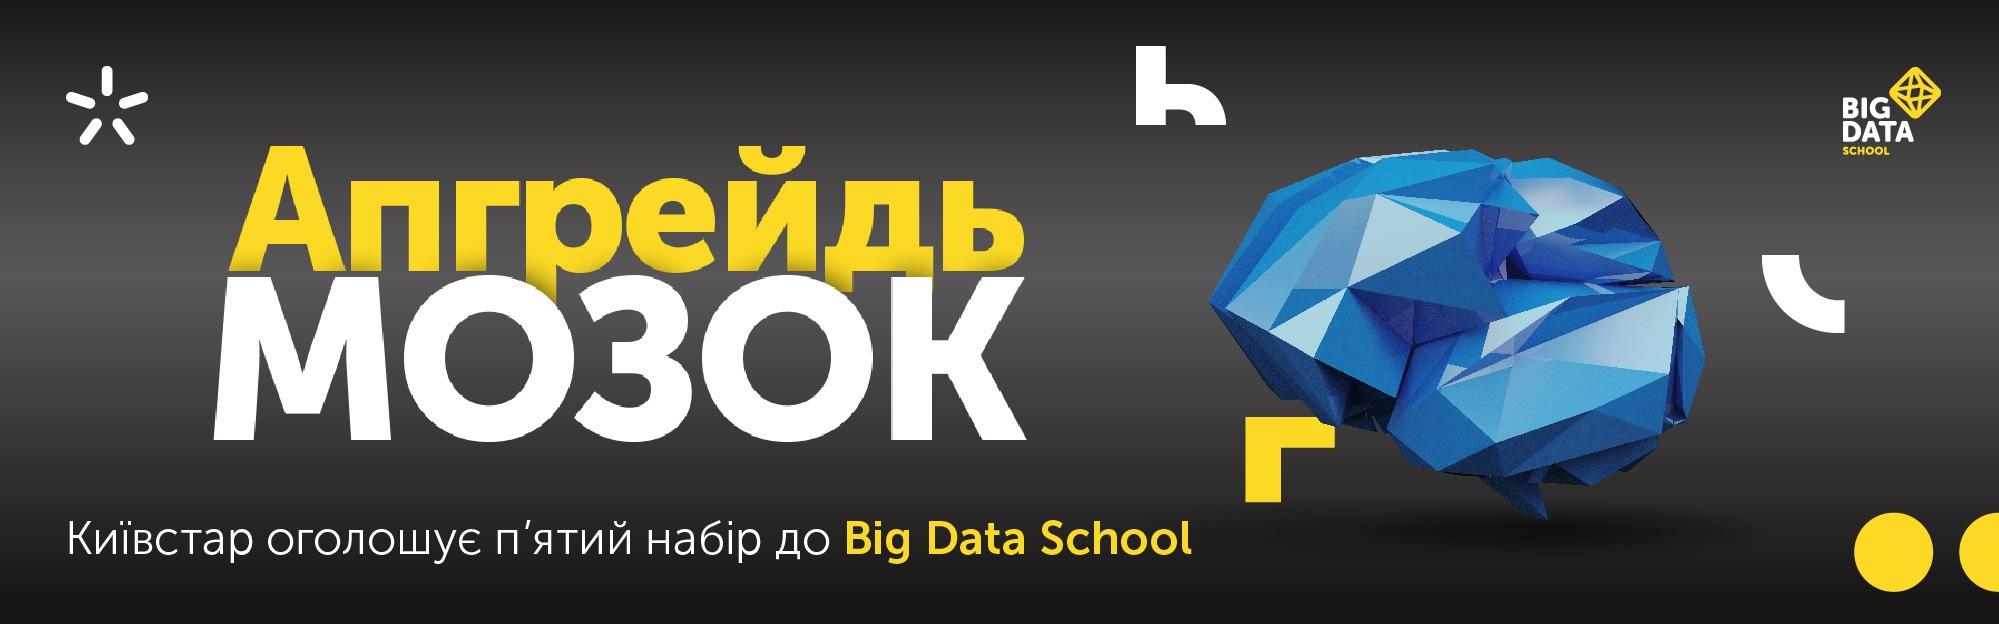 Big Data School 5.0 — Киевстар начинает пятый набор в школу, автор Big Data School 5.0 — Киевстар начинает пятый набор в школу   Kyivstar Business Hub, изображение №1